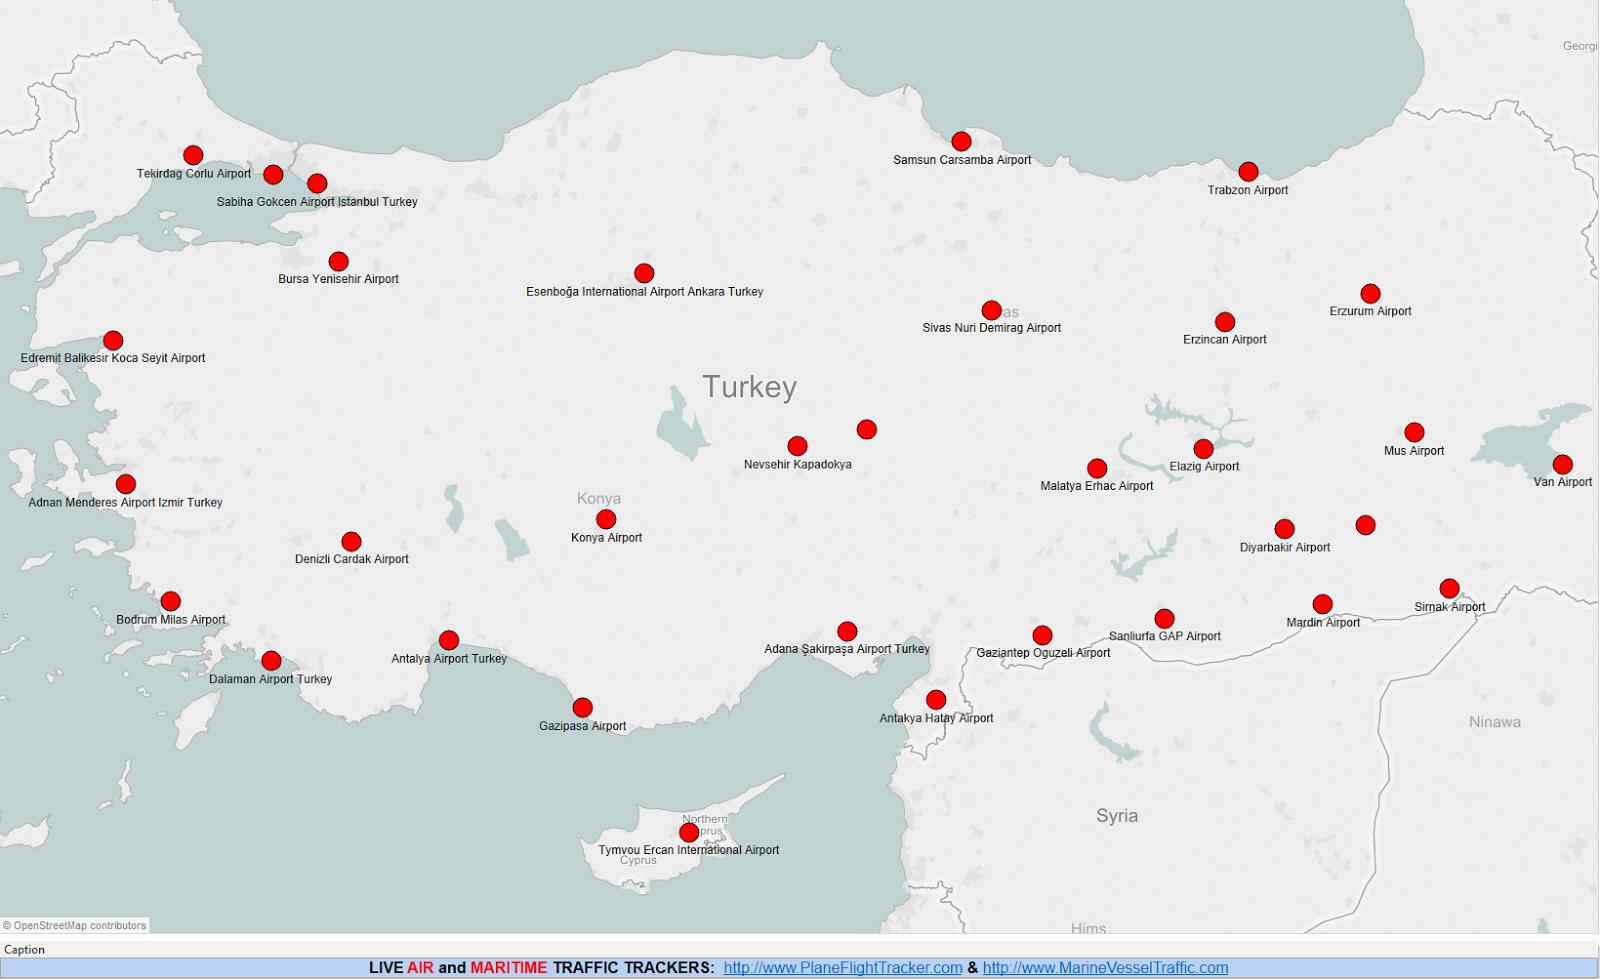 kart over flyplasser i tyrkia Flyplassene i Tyrkia kart   Kart over Tyrkia flyplasser (Vest Asia  kart over flyplasser i tyrkia